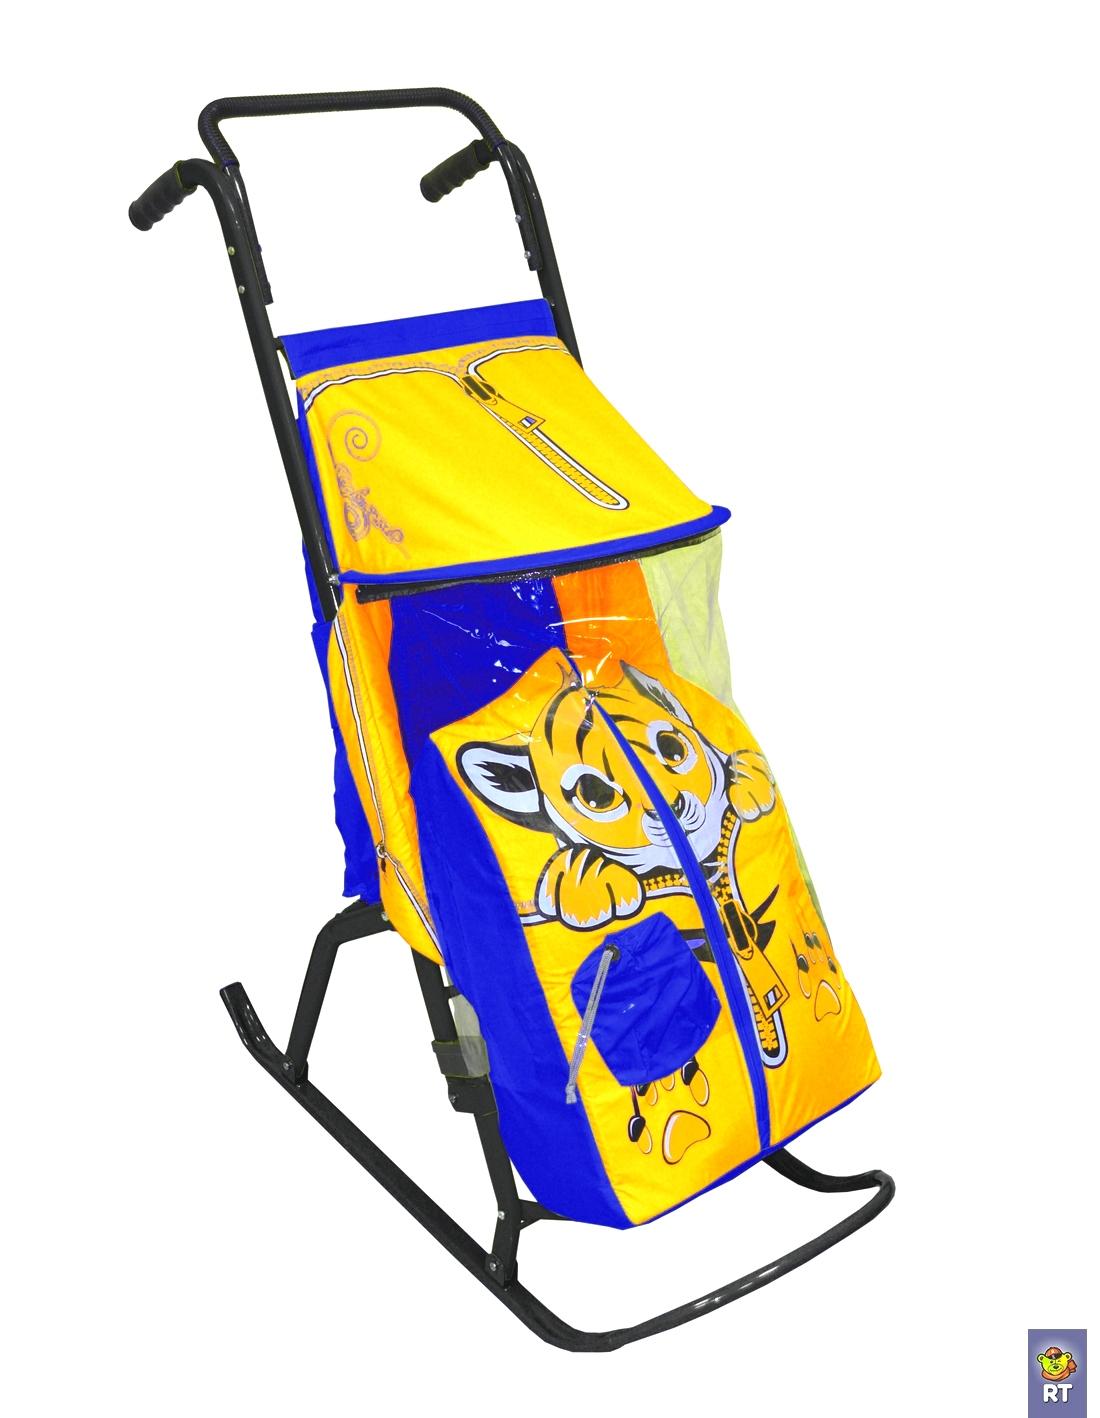 Санки-коляска - Снегурочка-2-Р – Тигренок, цвет желтый-голубой фото